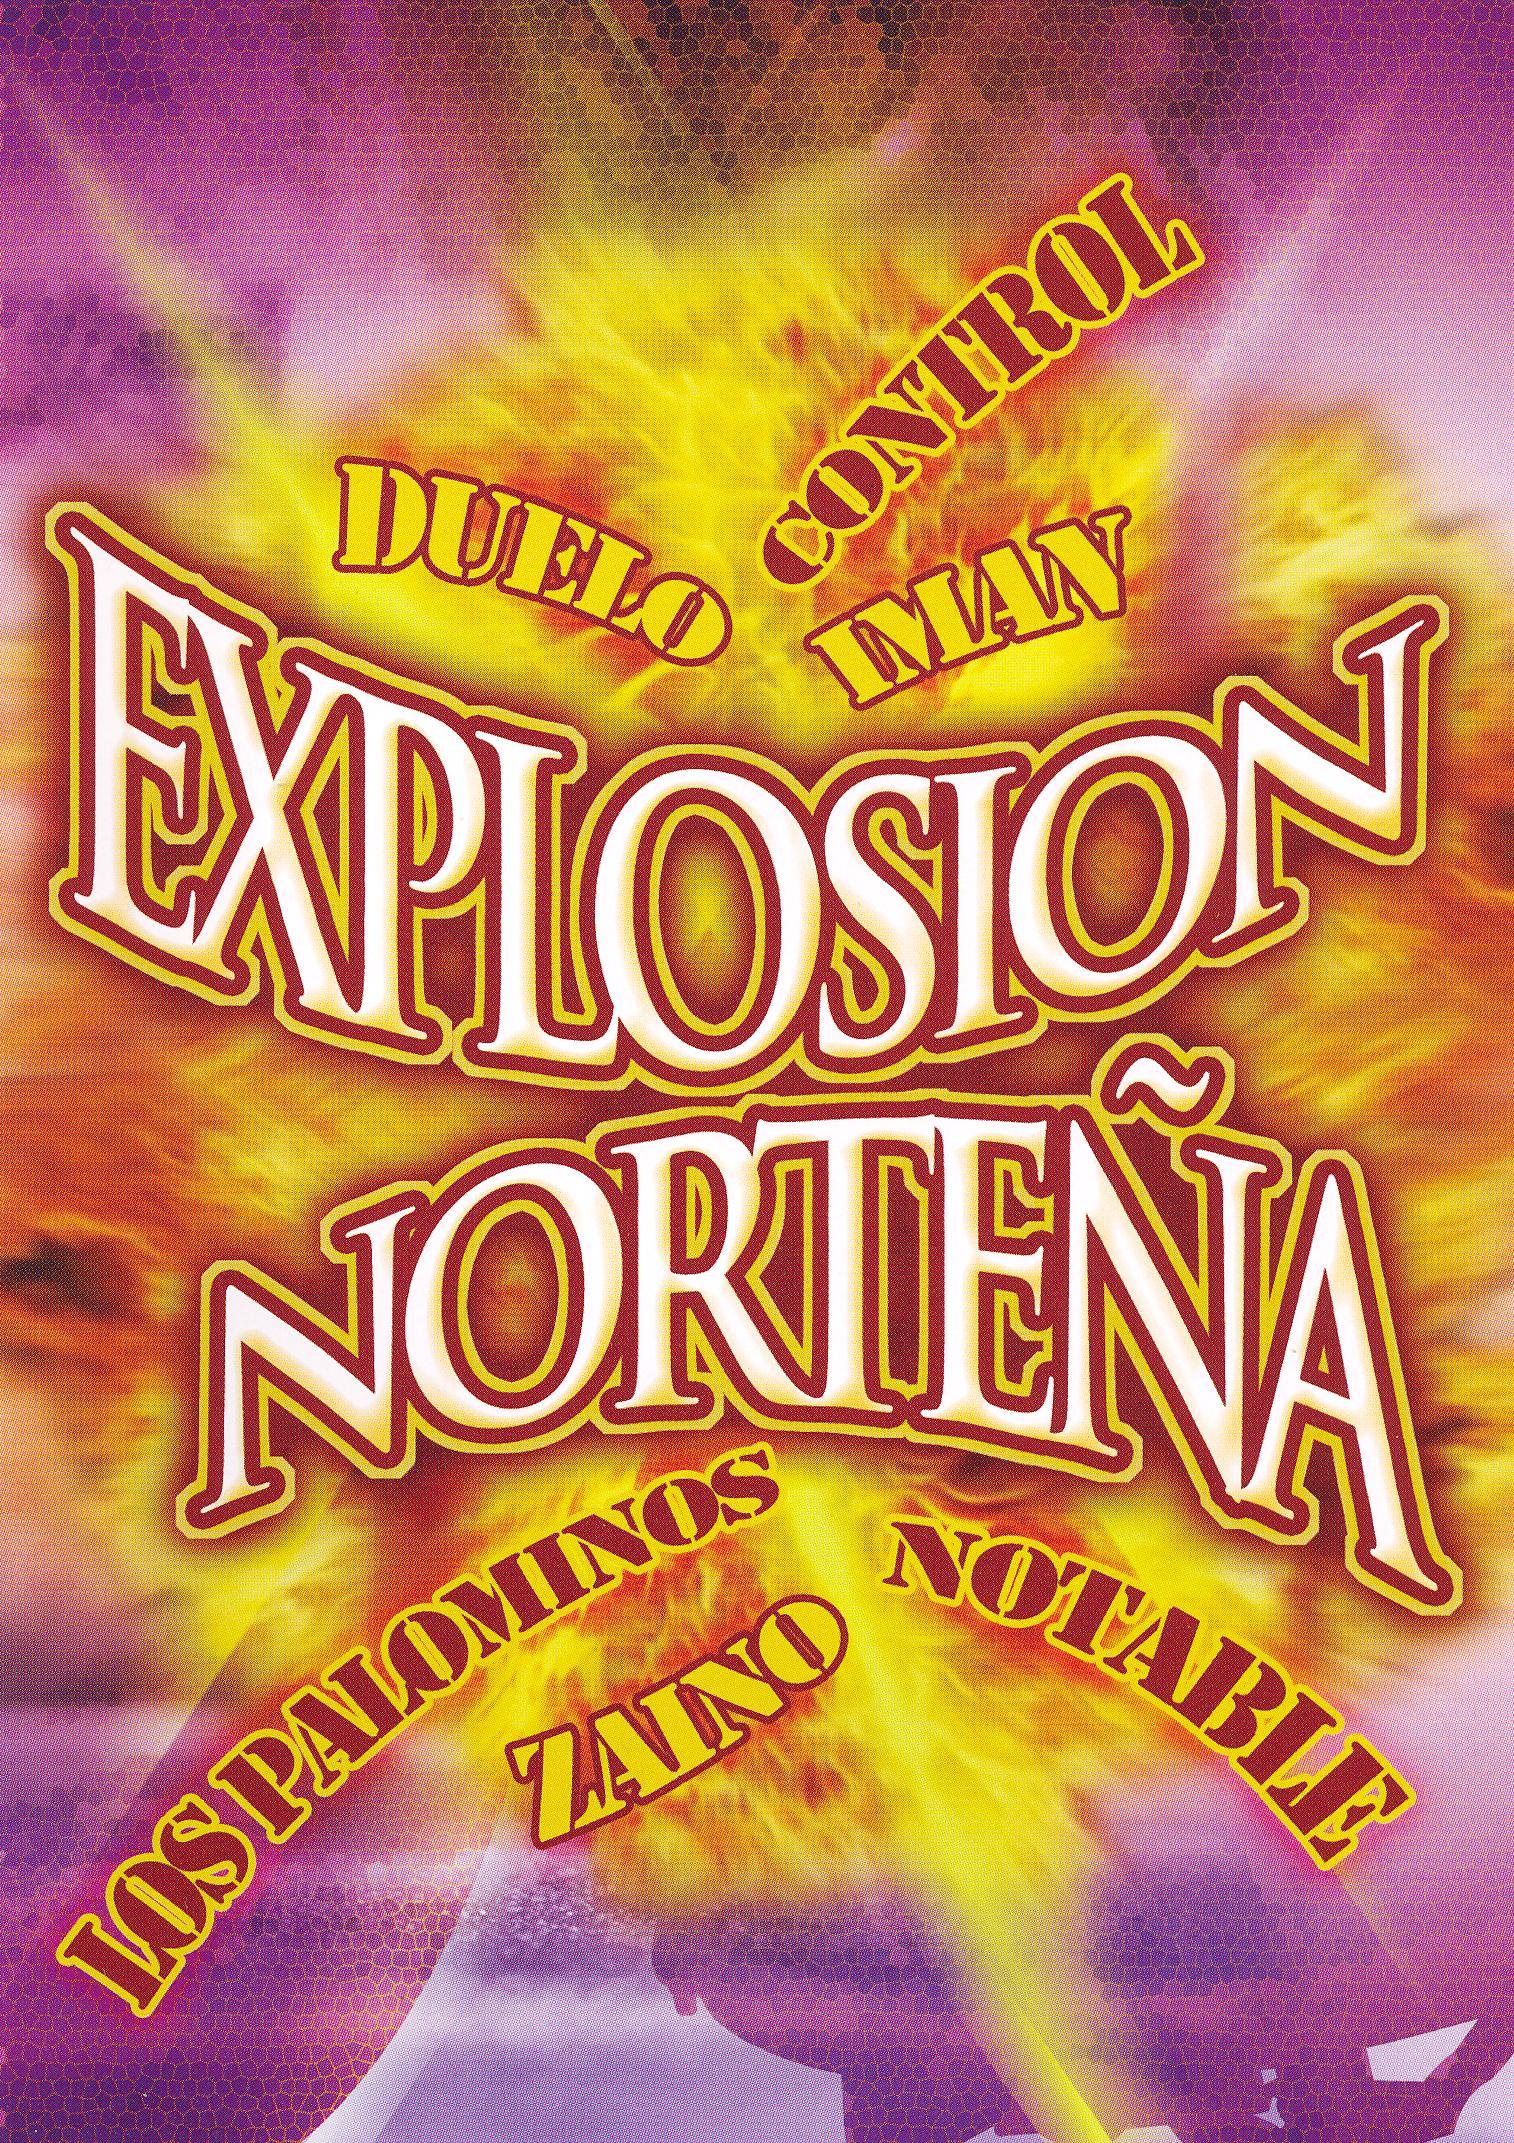 Explosion Nortena